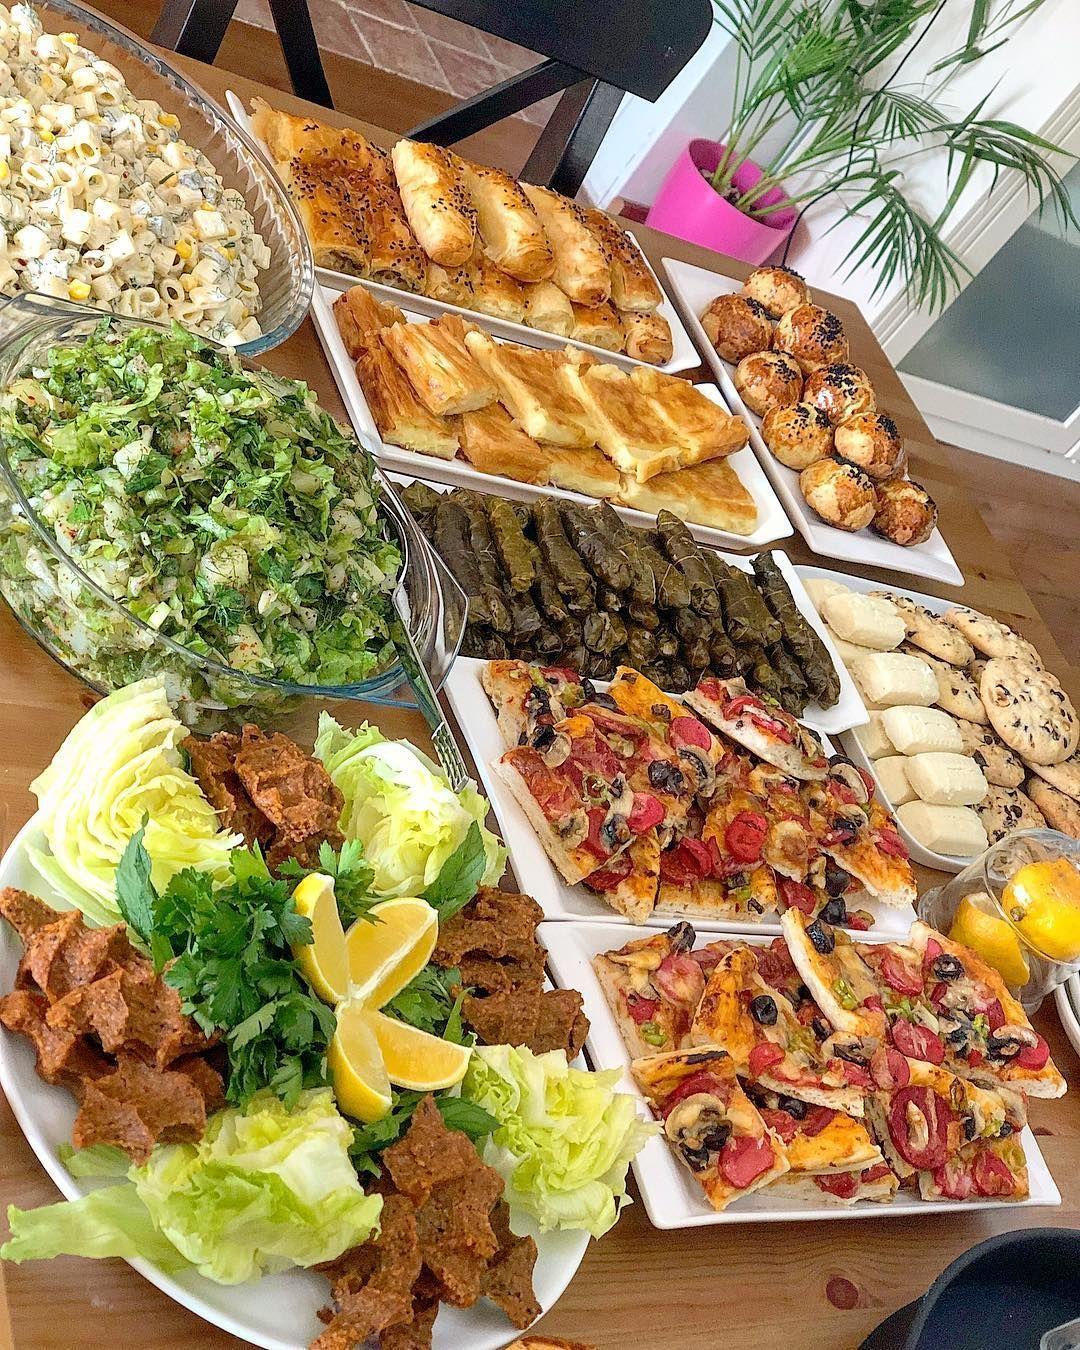 Dinner Menu Design Table Settings Eats Foodie Foodies Dinner Menu Buffet Food Food Presentation